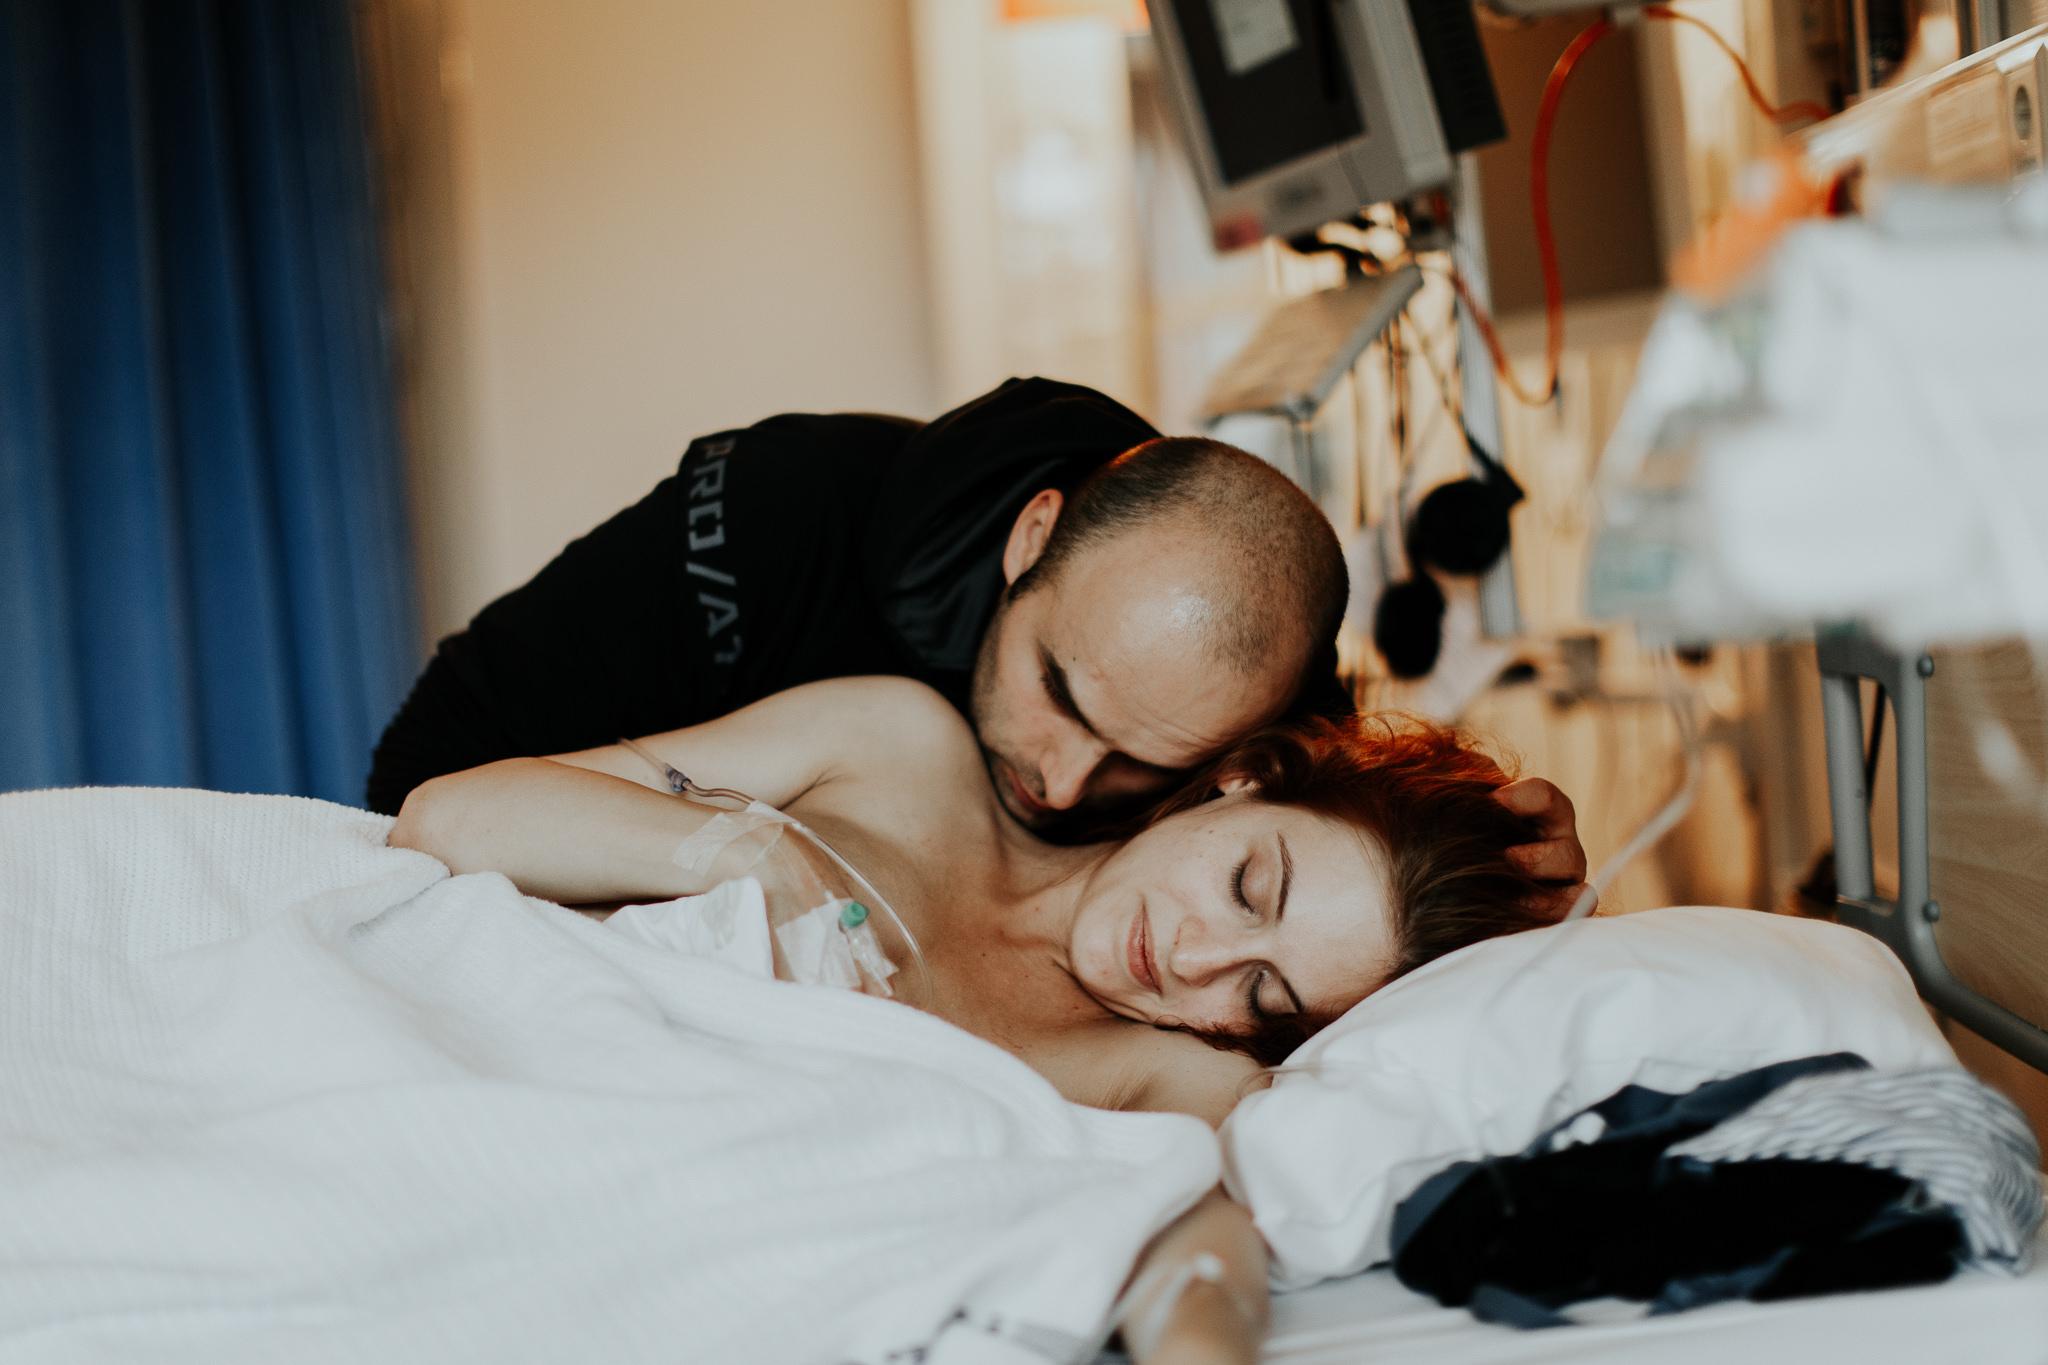 fødselsfotograf-oslo-kongsberg-nyfødtfotograf-maria-vatne-19.jpg